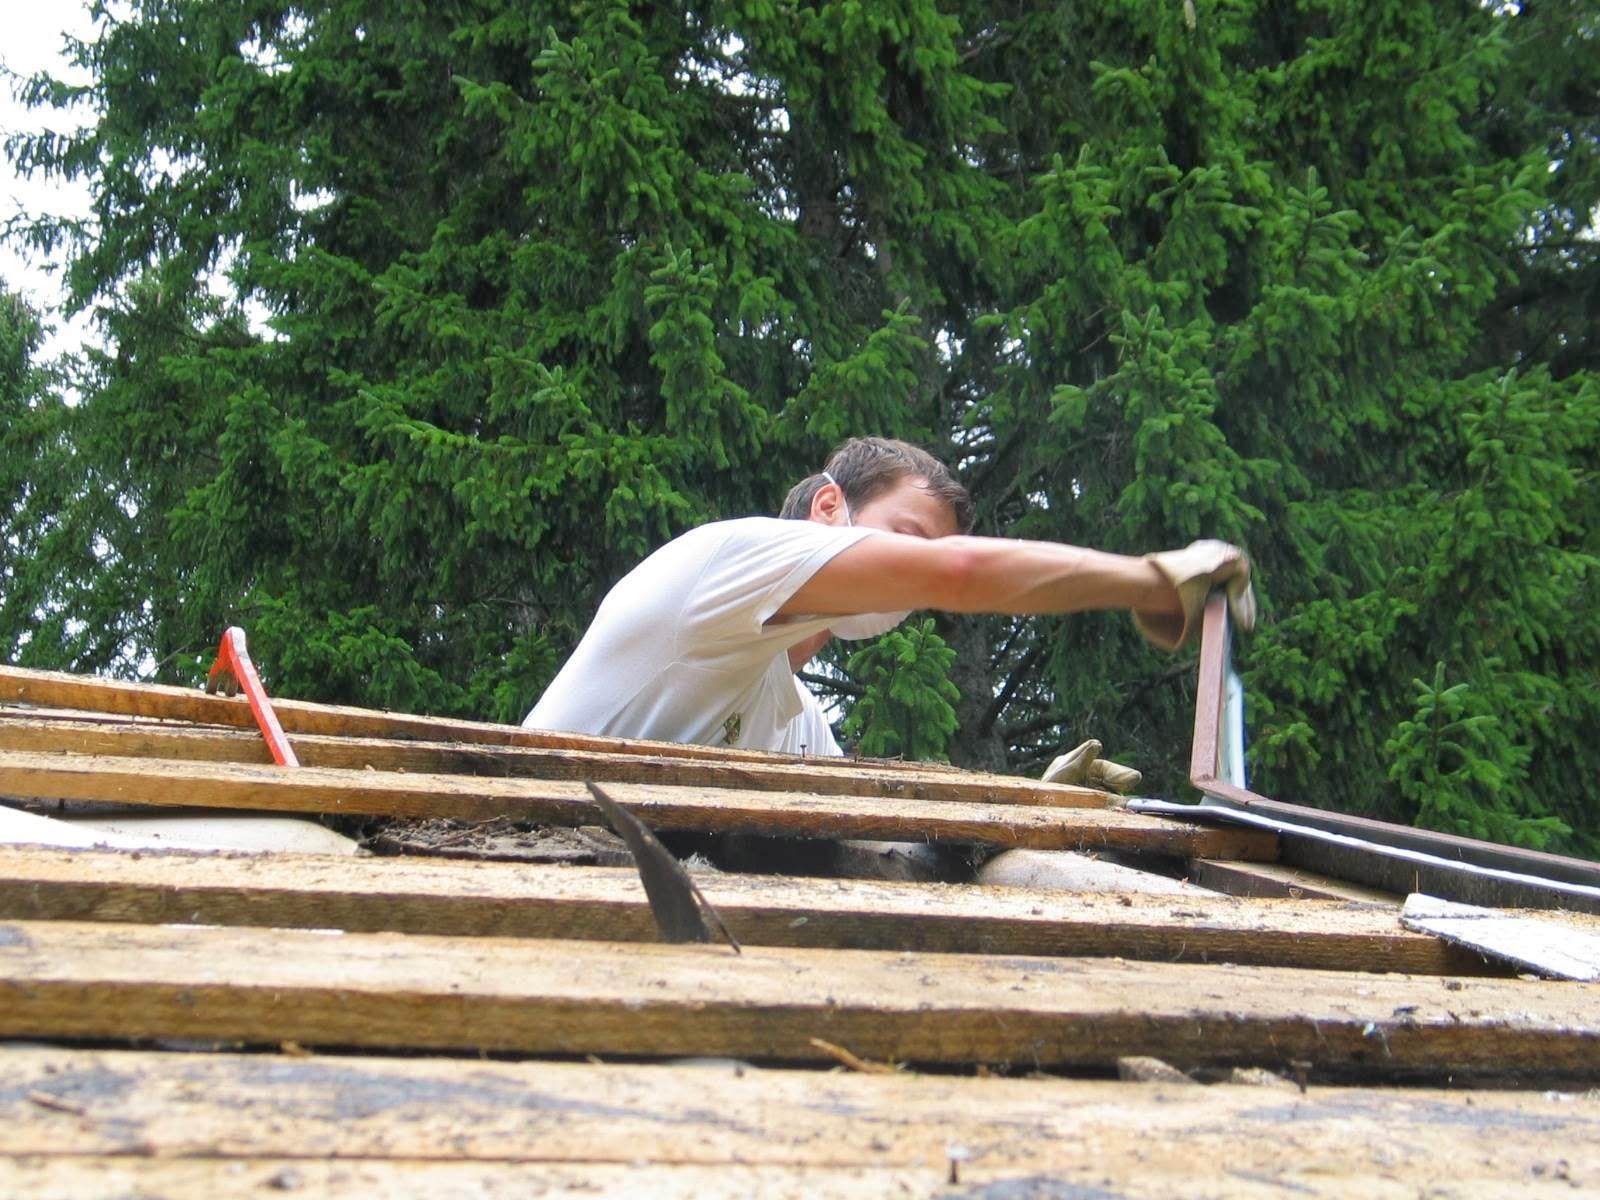 Delovna akcija - Streha, Črni dol 2006 - streha%2B071.jpg